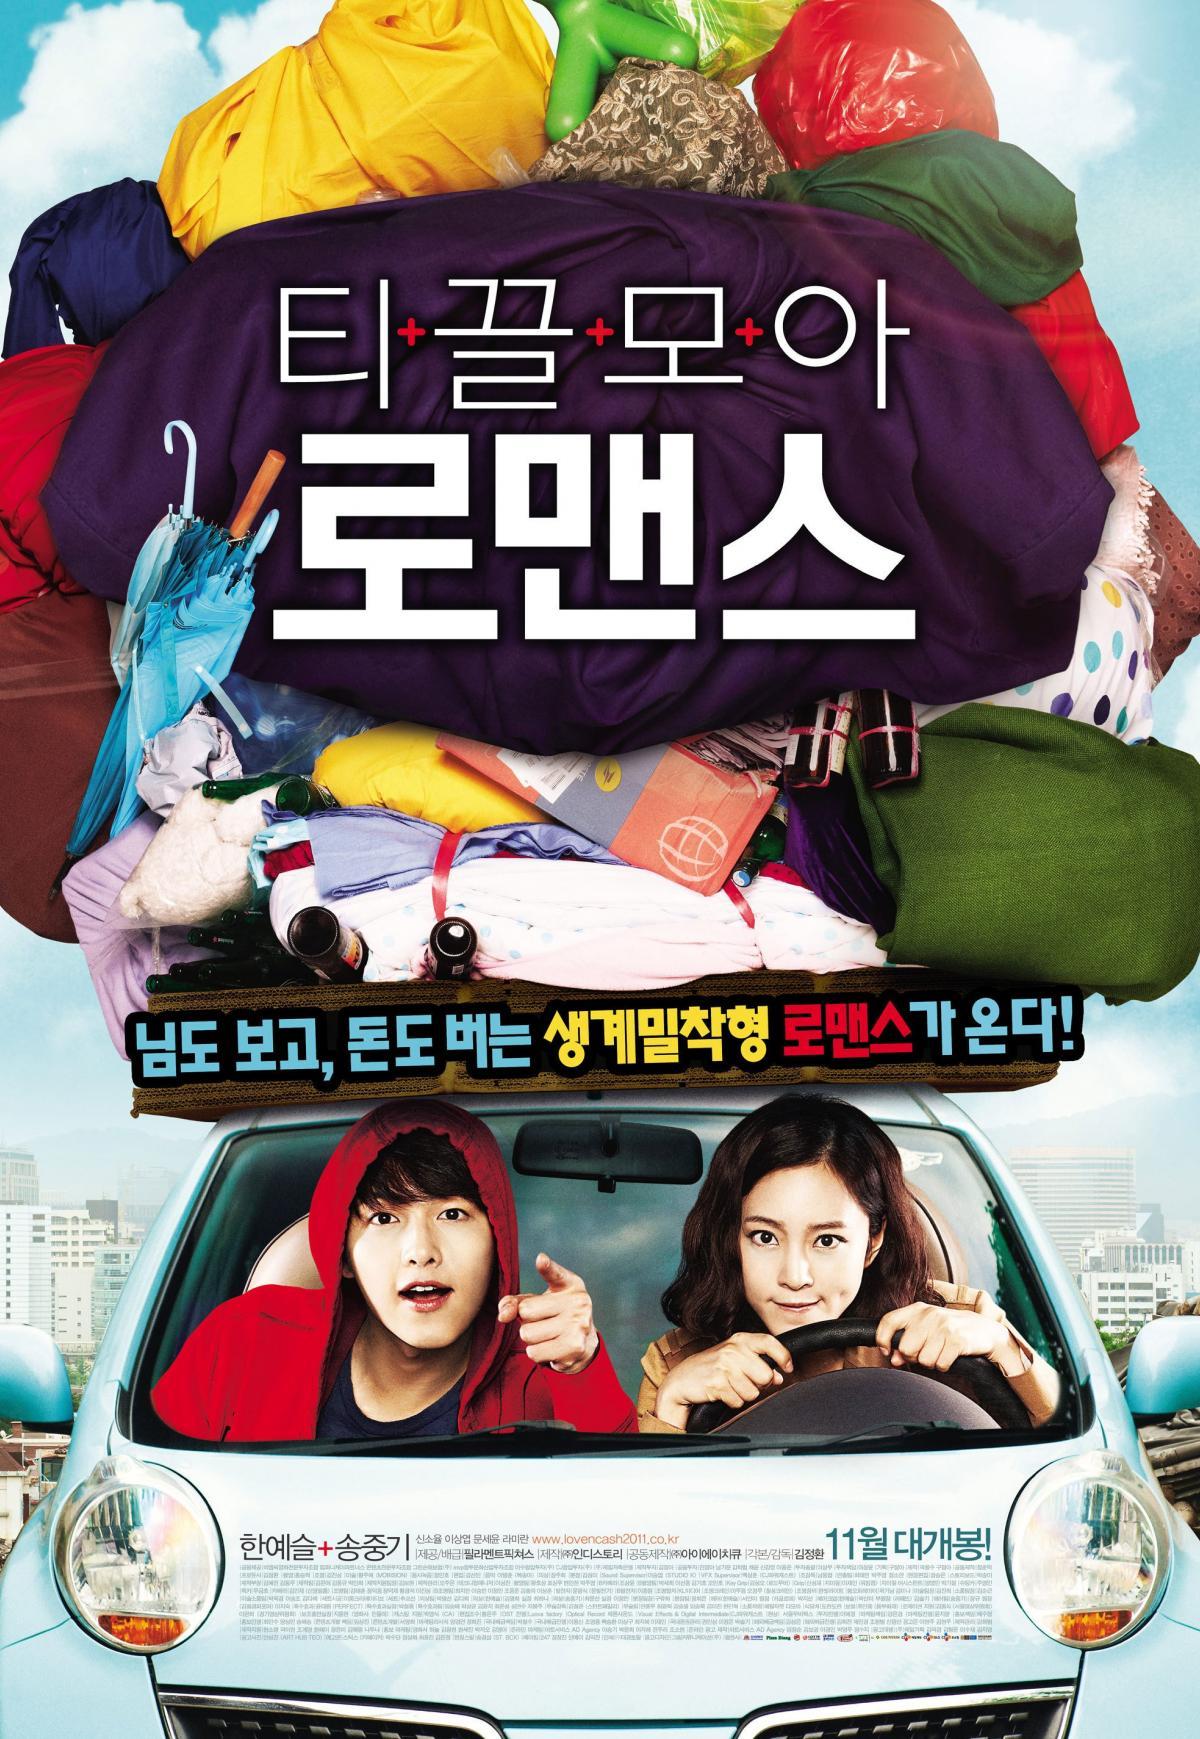 فیلم کره ای انبردست پنی 2011 Penny Pinchers